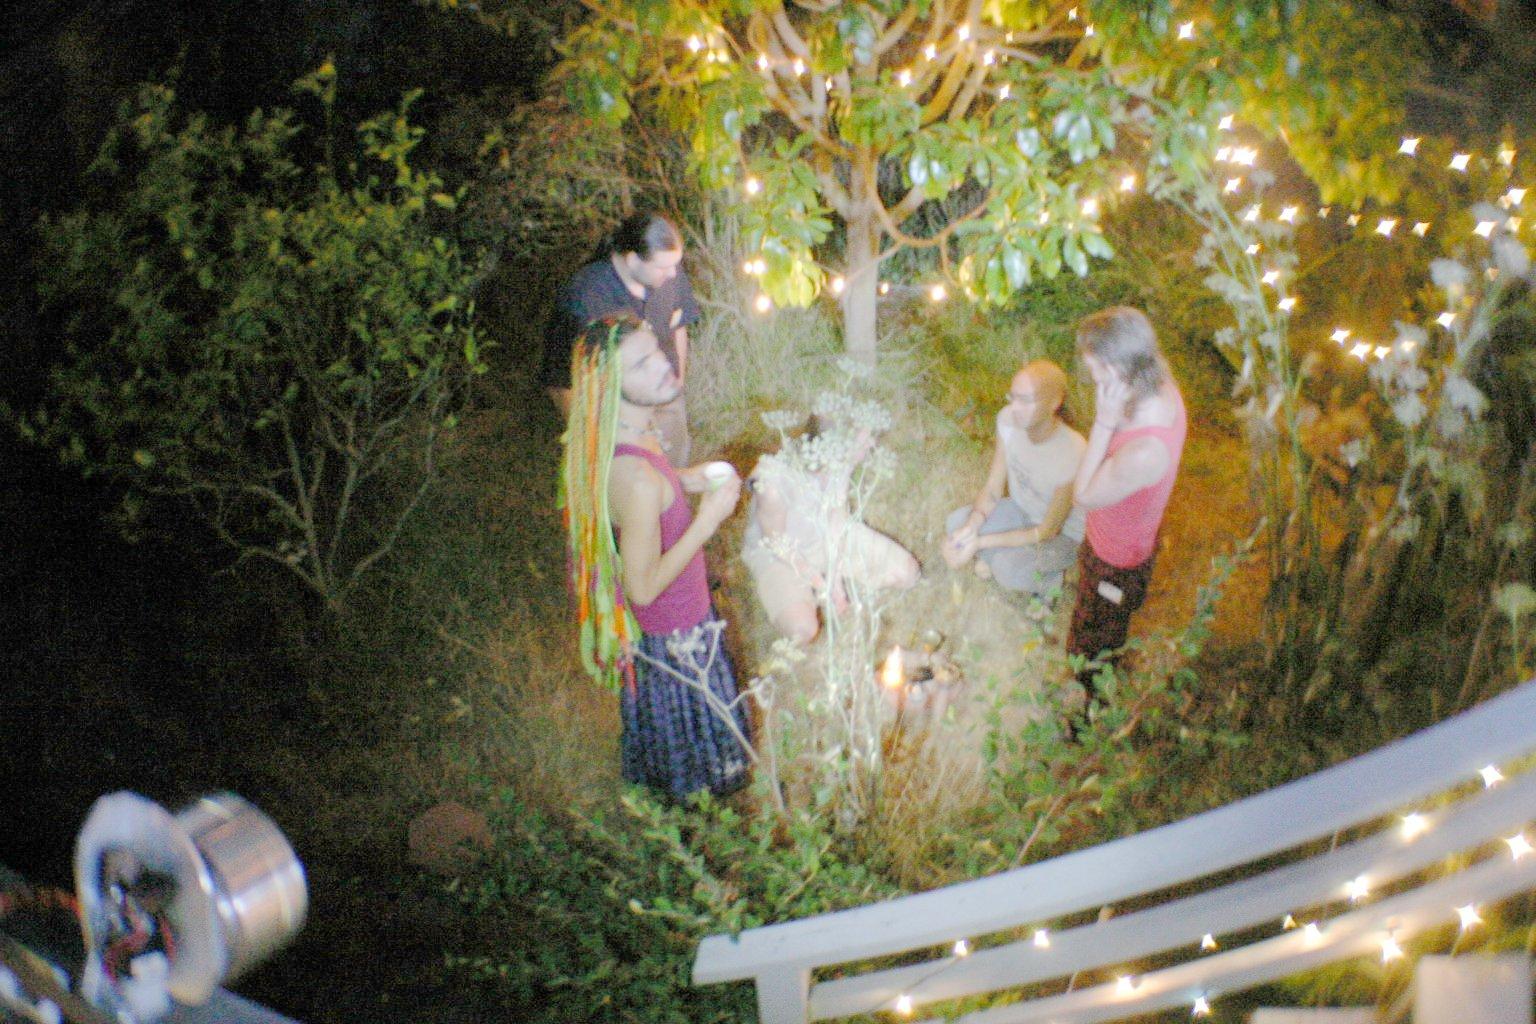 Assembling in Backyard for Ritual